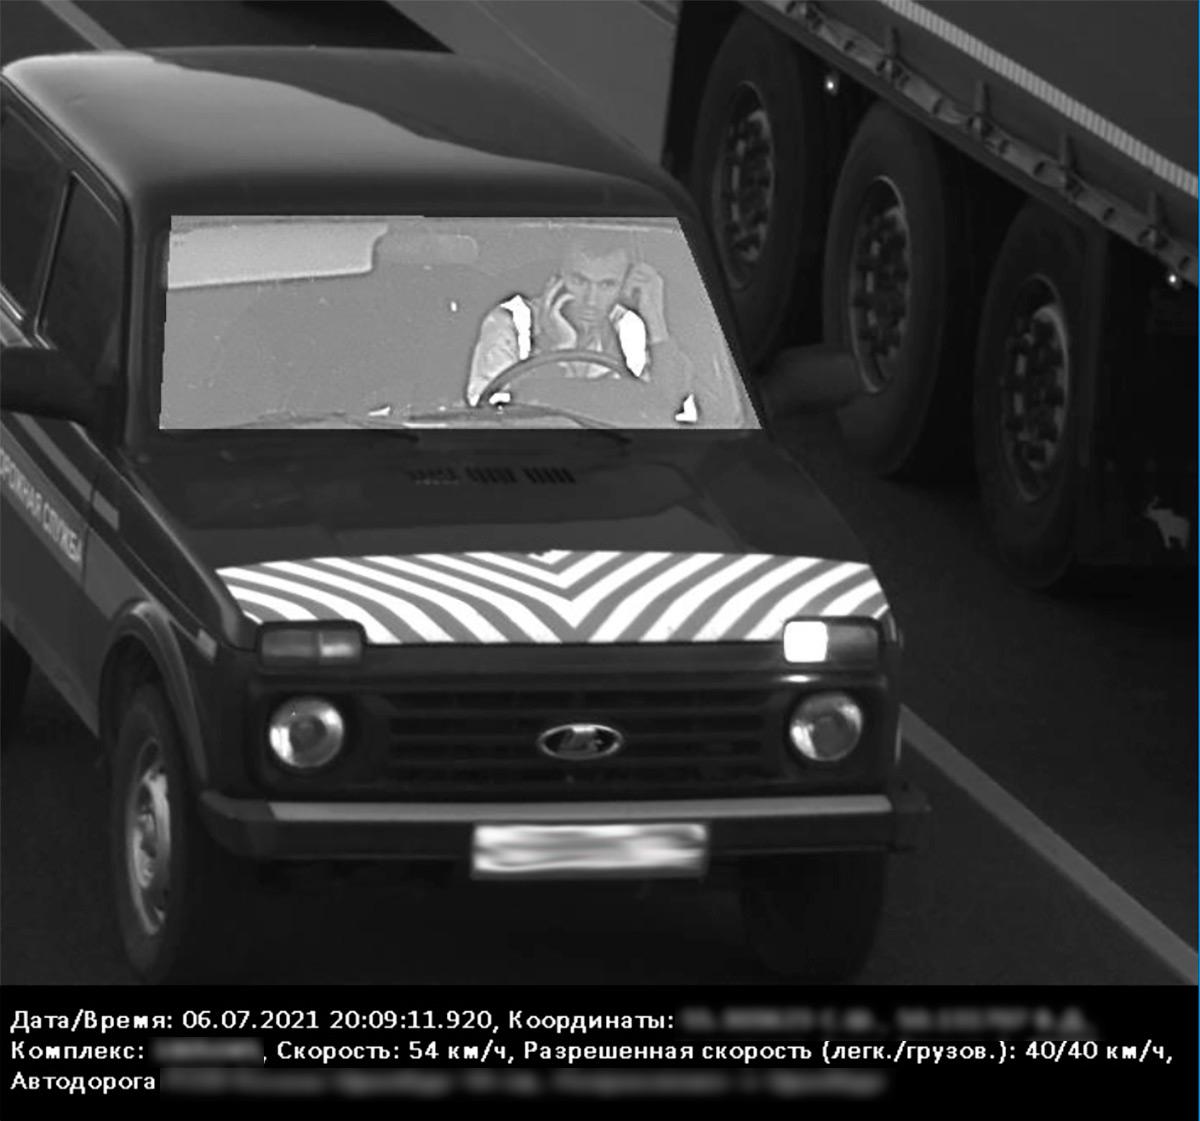 <p>Директор ГБУ &laquo;Безопасность дорожного движения&raquo; Татарстана Рифкат Минниханов сообщил, что за первые шесть месяцев 2021 года в Татарстане из-за непристегнутых ремней в ДТП погибли&nbsp;шесть человек&nbsp;и еще столько&nbsp;же получили тяжелые травмы.</p>